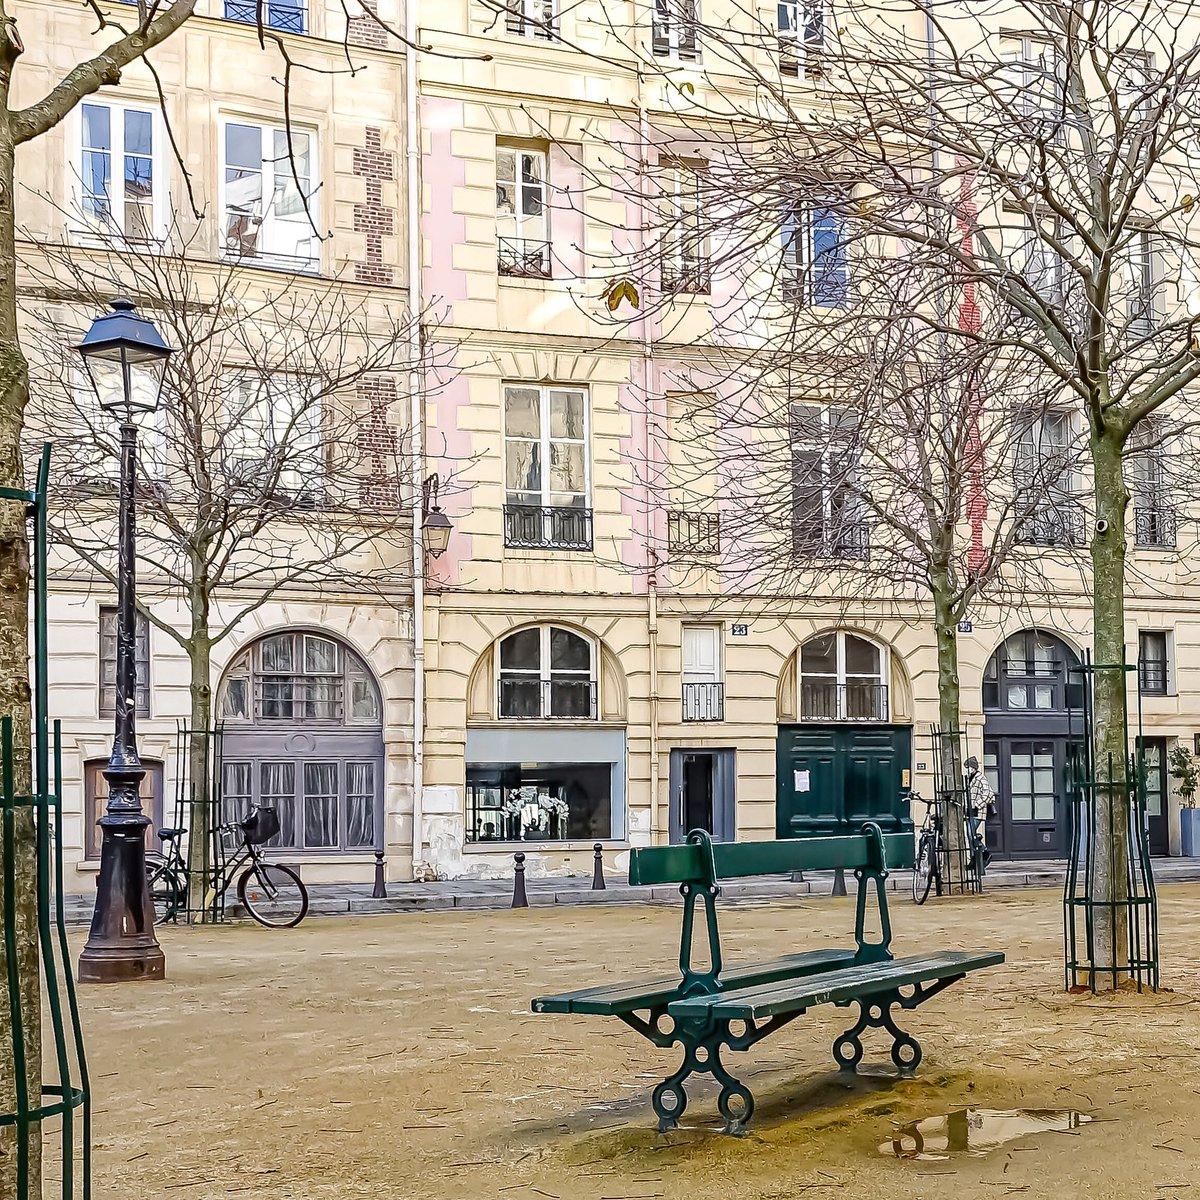 Place Dauphine, tout en pastel, frimas hivernaux au cœur de l'île de la Cité - Paris 1  #parisladouce #paris #pariscartepostale #parisjetaime #cityguide #pariscityguide #paris1 #streetsofparis #thisisparis #parismaville #placedauphine #iledelacite